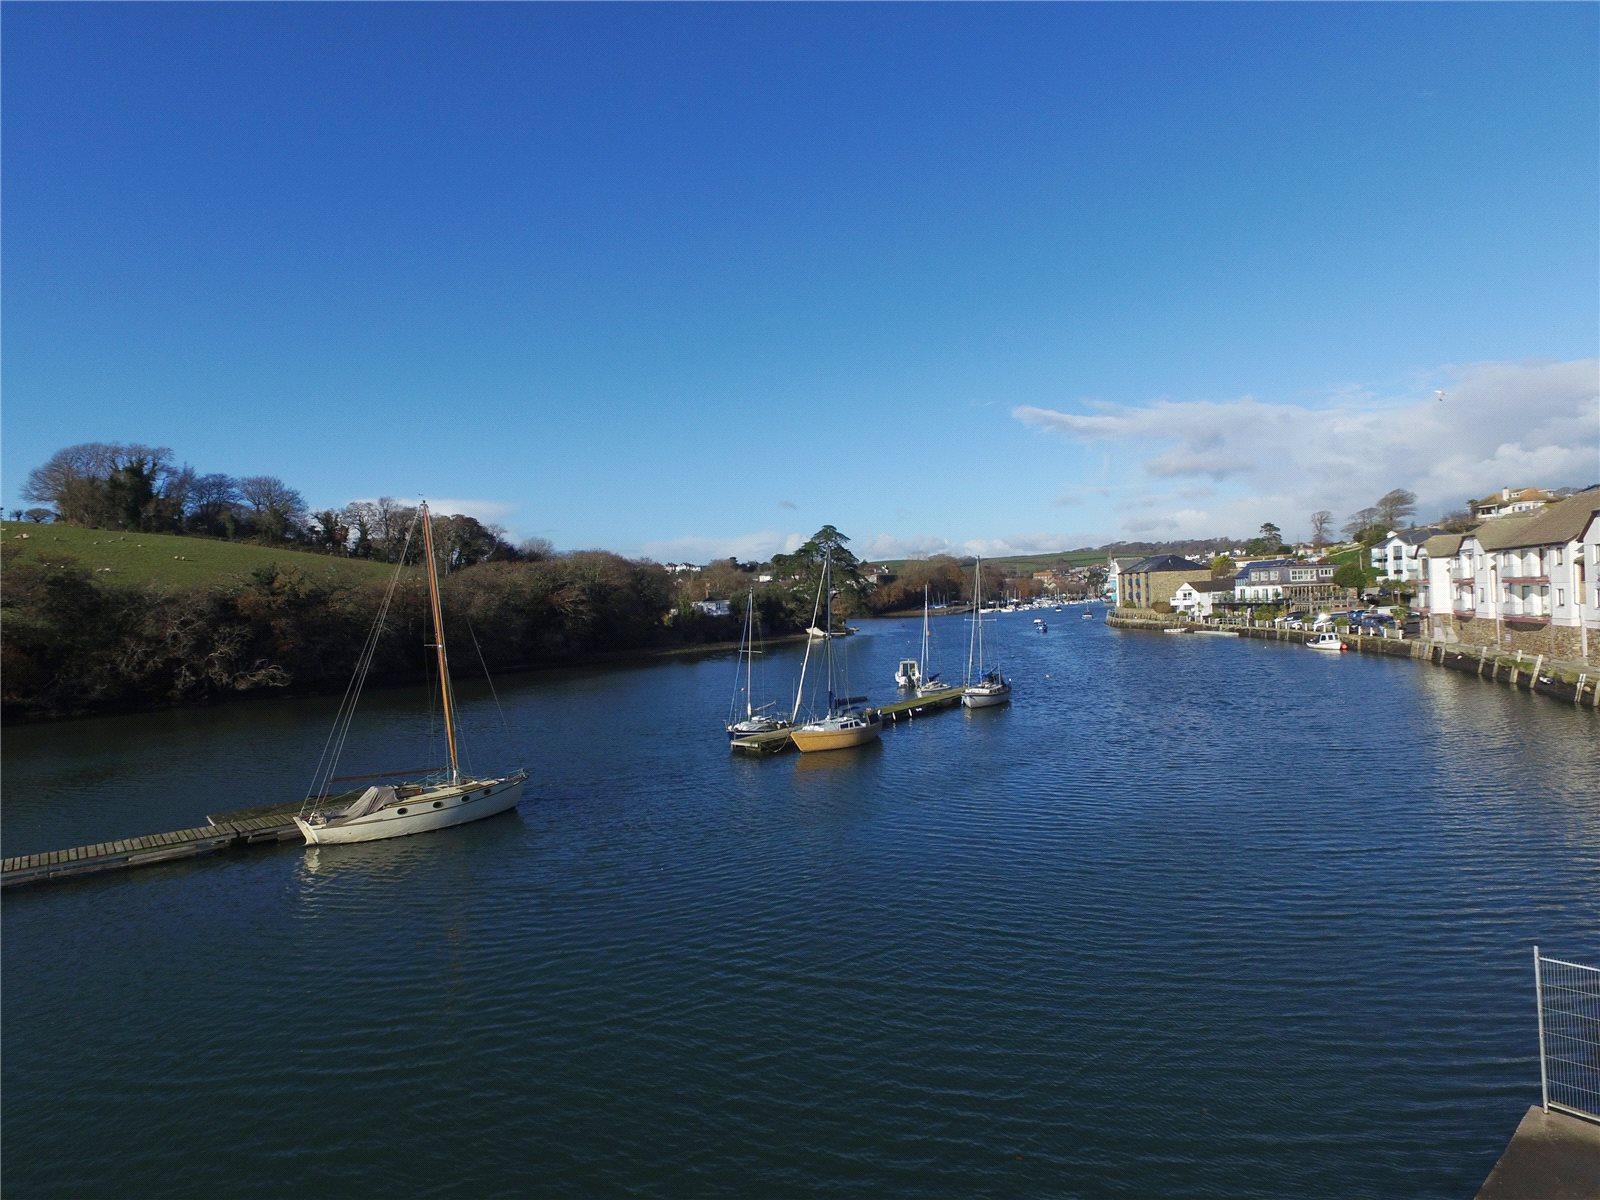 Tek Ailelik Ev için Satış at The Boatyard, Embankment Road, Kingsbridge, Devon, TQ7 Kingsbridge, Ingiltere